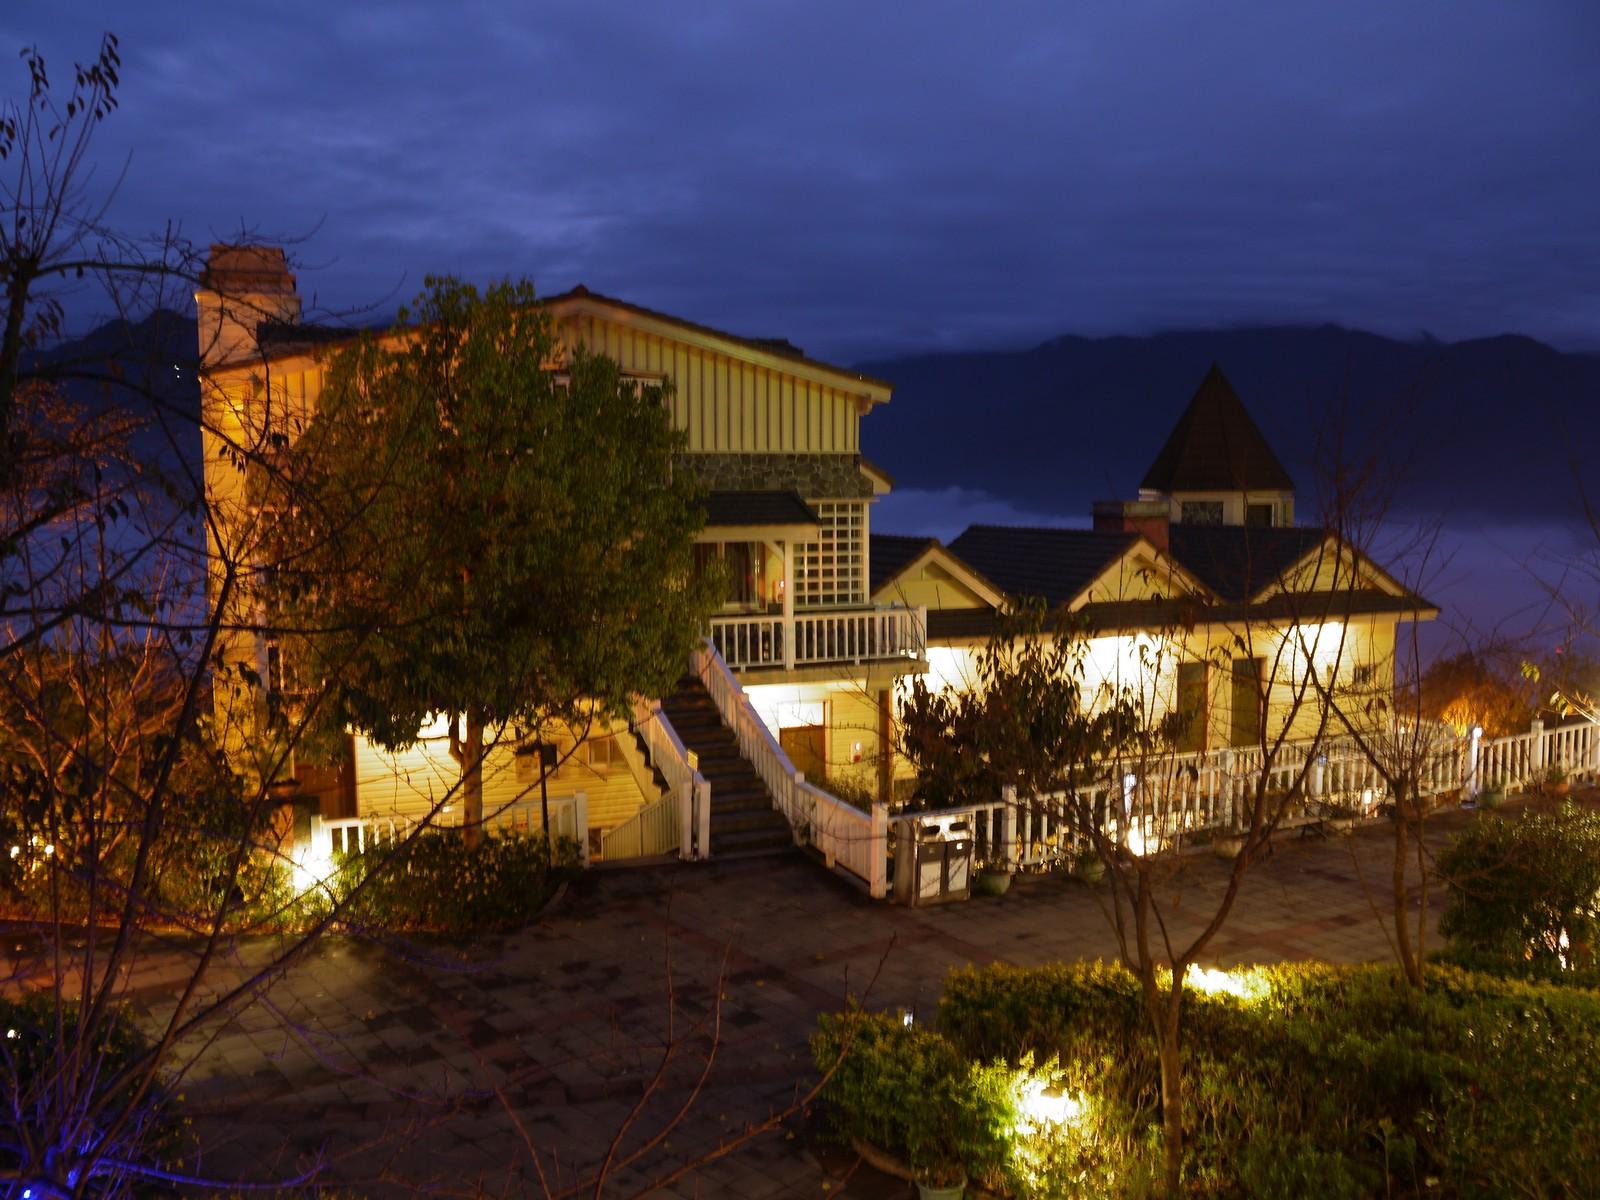 「星空之城」采欧式古堡造型的兼具现代与古典的